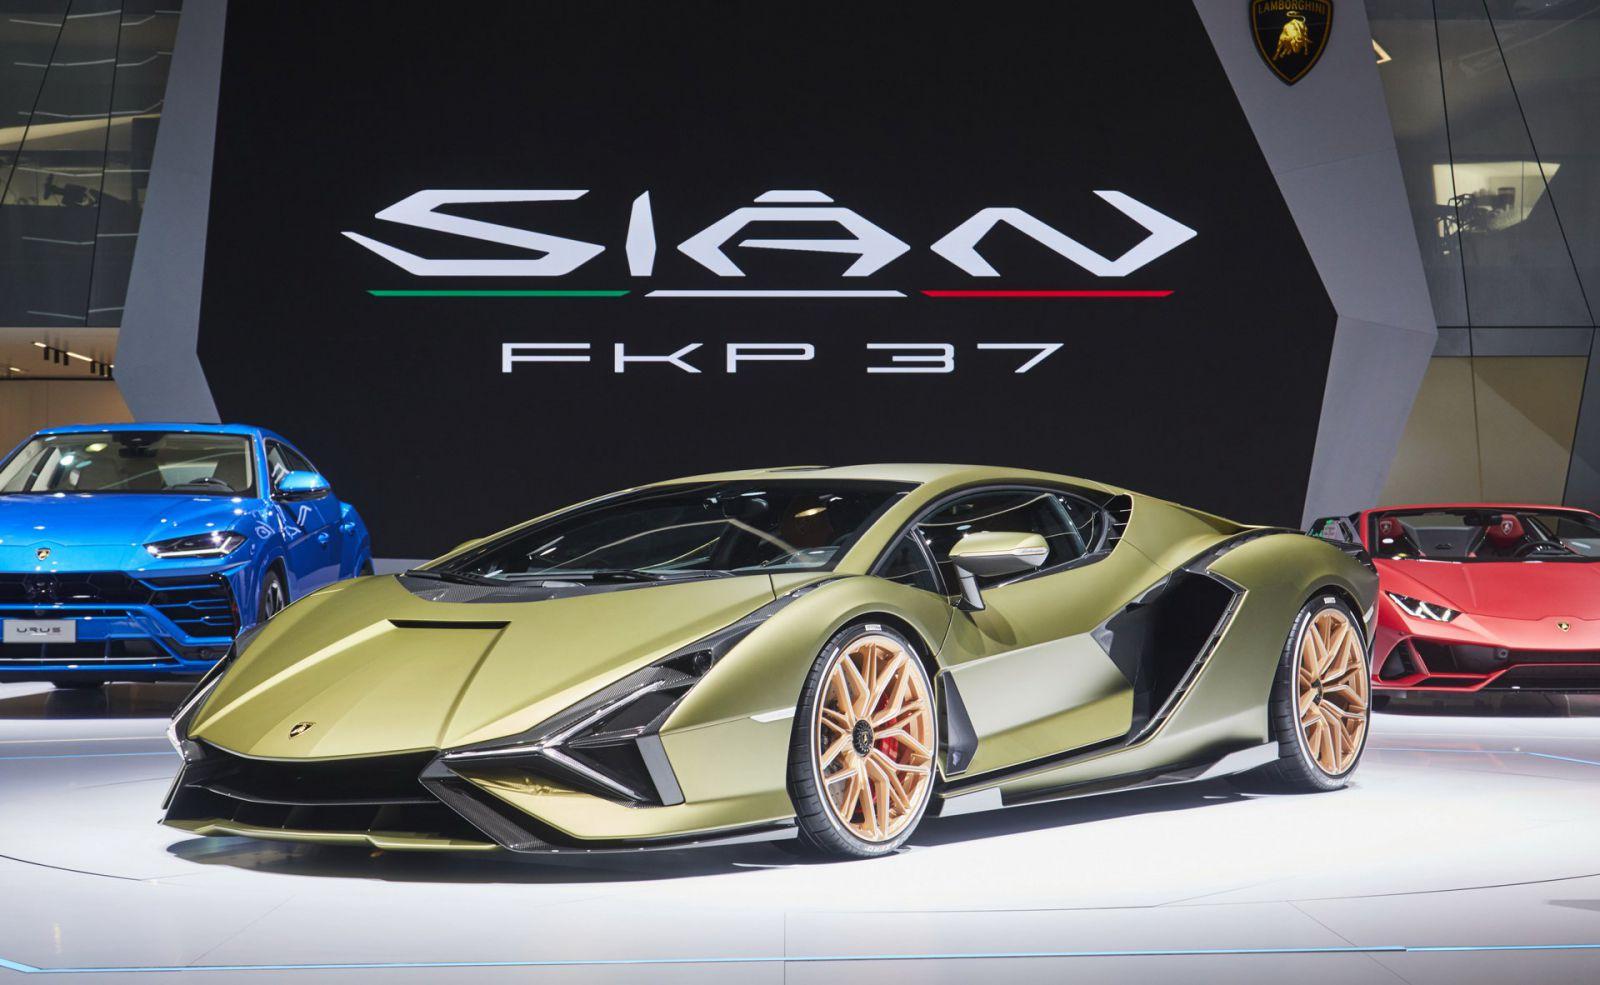 Hình ảnh Lamborghini sian